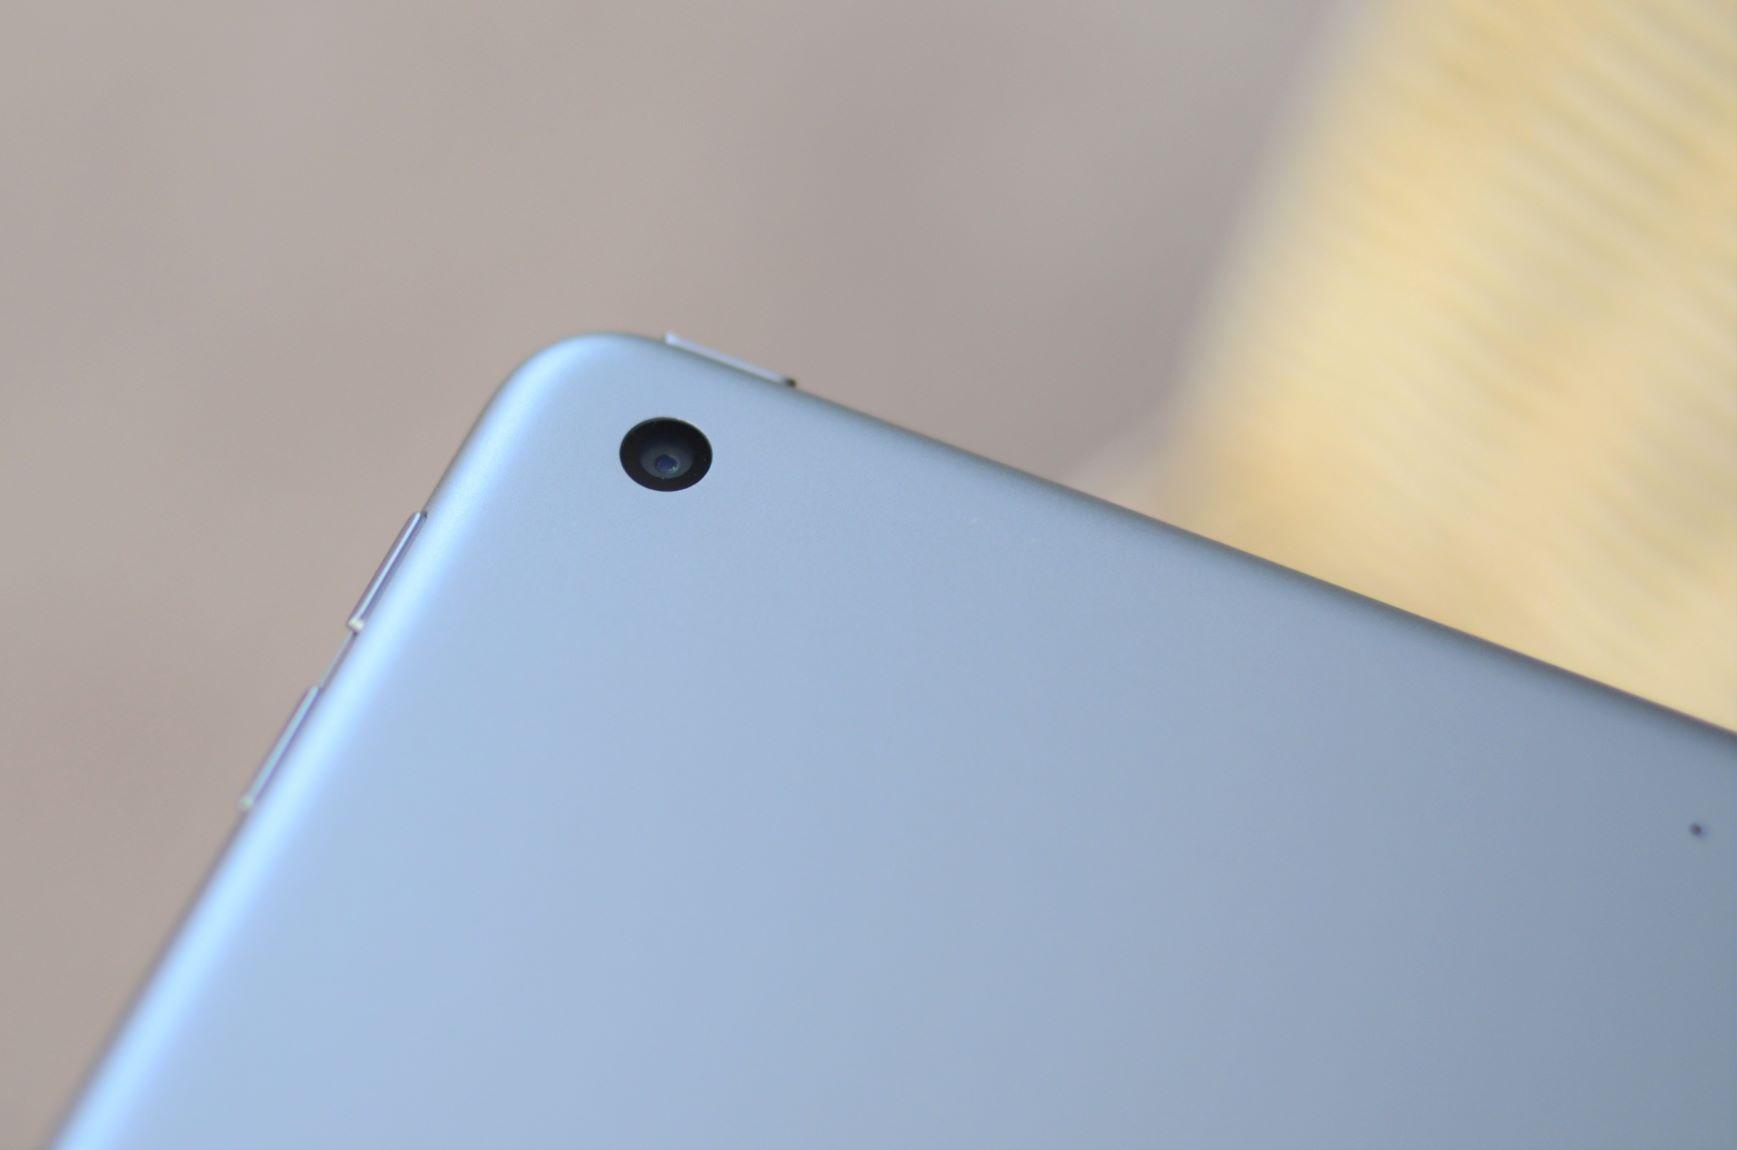 iPad 2018 Rear Camera